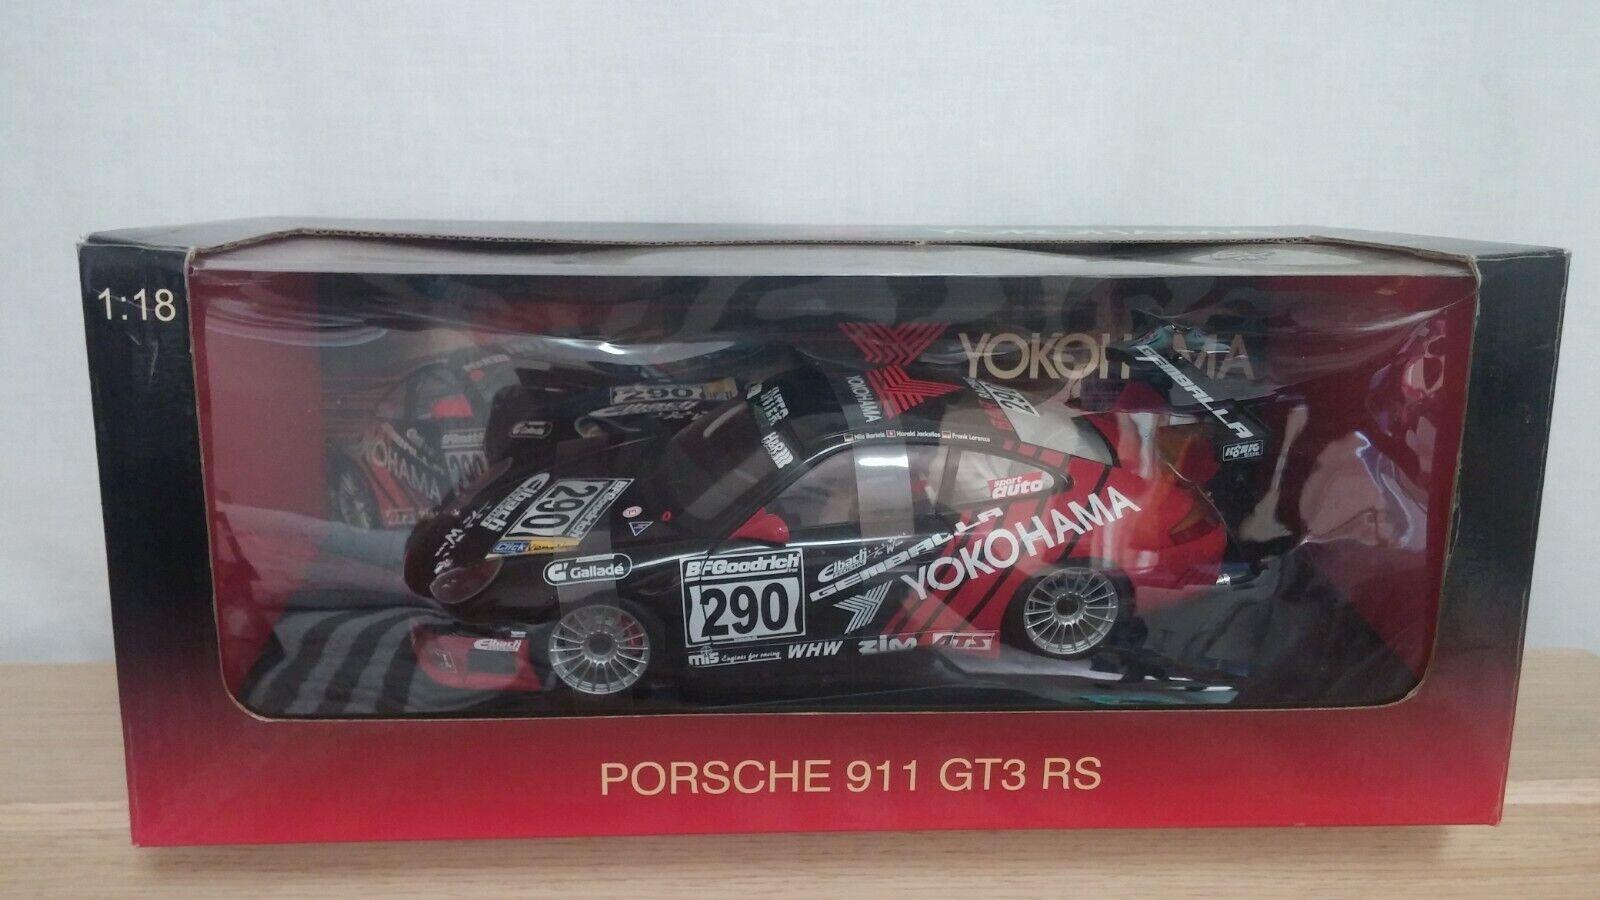 1  18 bilkonst Porsche 911 996 GT3 RS YOKOHAMA